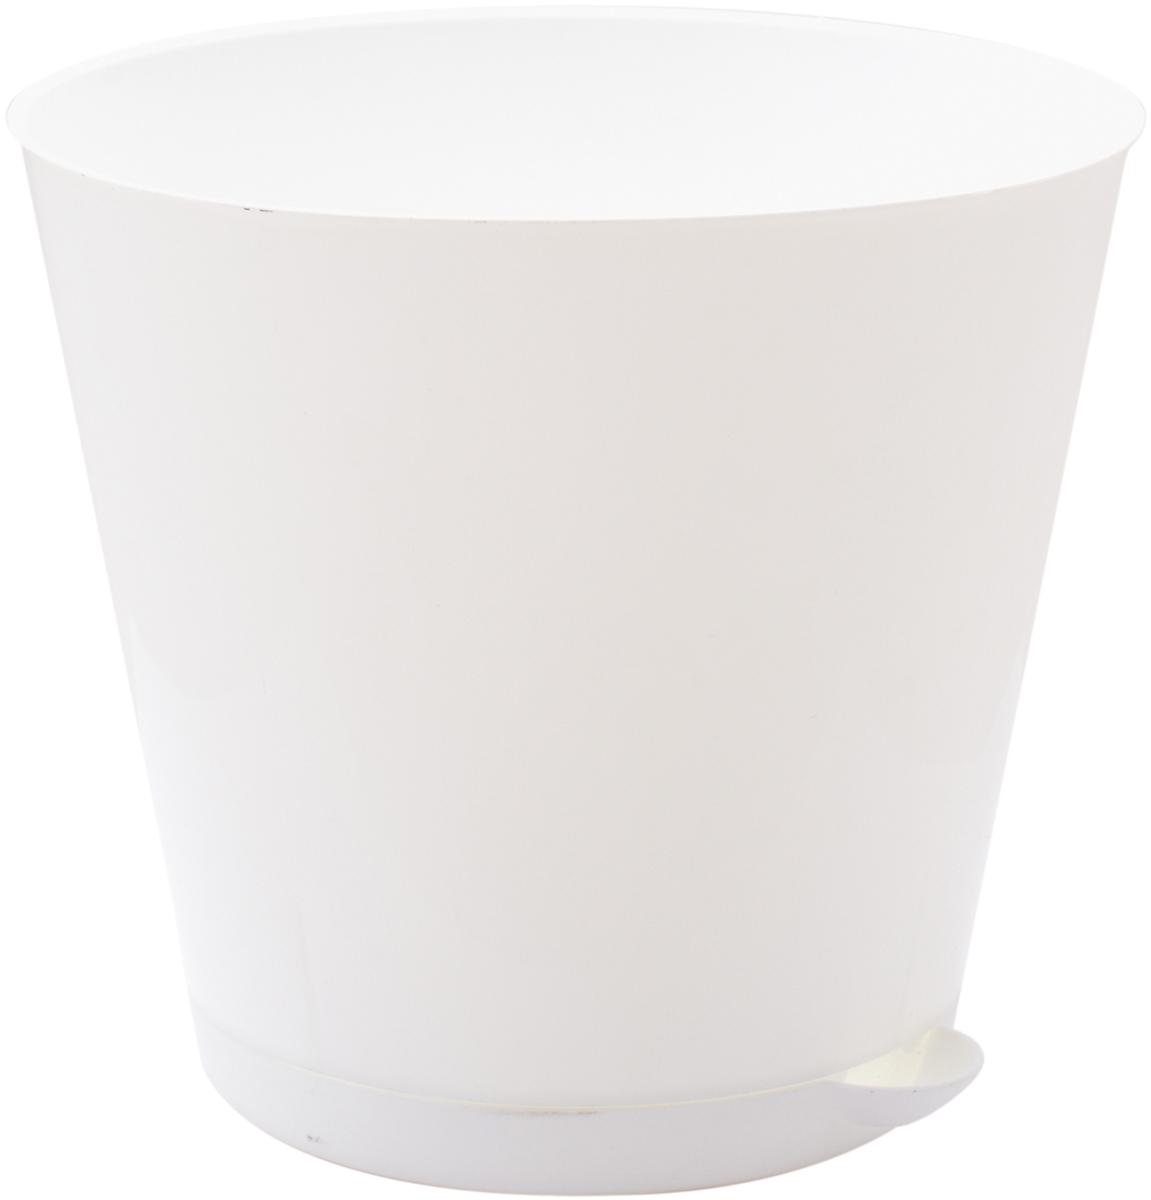 Горшок для цветов InGreen Крит, с системой прикорневого полива, цвет: белый, диаметр 20 смING46020БЛ-12РSГоршок InGreen Крит, выполненный из высококачественного пластика, предназначен для выращивания комнатных цветов, растений и трав. Специальная конструкция обеспечивает вентиляцию в корневой системе растения, а дренажные отверстия позволяют выходить лишней влаге из почвы. Крепежные отверстия и штыри прочно крепят подставку к горшку. Прикорневой полив растения осуществляется через удобный носик. Система прикорневого полива позволяет оставлять комнатное растение без внимания тем, кто часто находится в командировках или собирается в отпуск и не имеет возможности вовремя поливать цветы. Такой горшок порадует вас современным дизайном и функциональностью, а также оригинально украсит интерьер любого помещения. Диаметр горшка (по верхнему краю): 20 см. Высота горшка: 18,2 см. Объем горшка: 3,6 л.